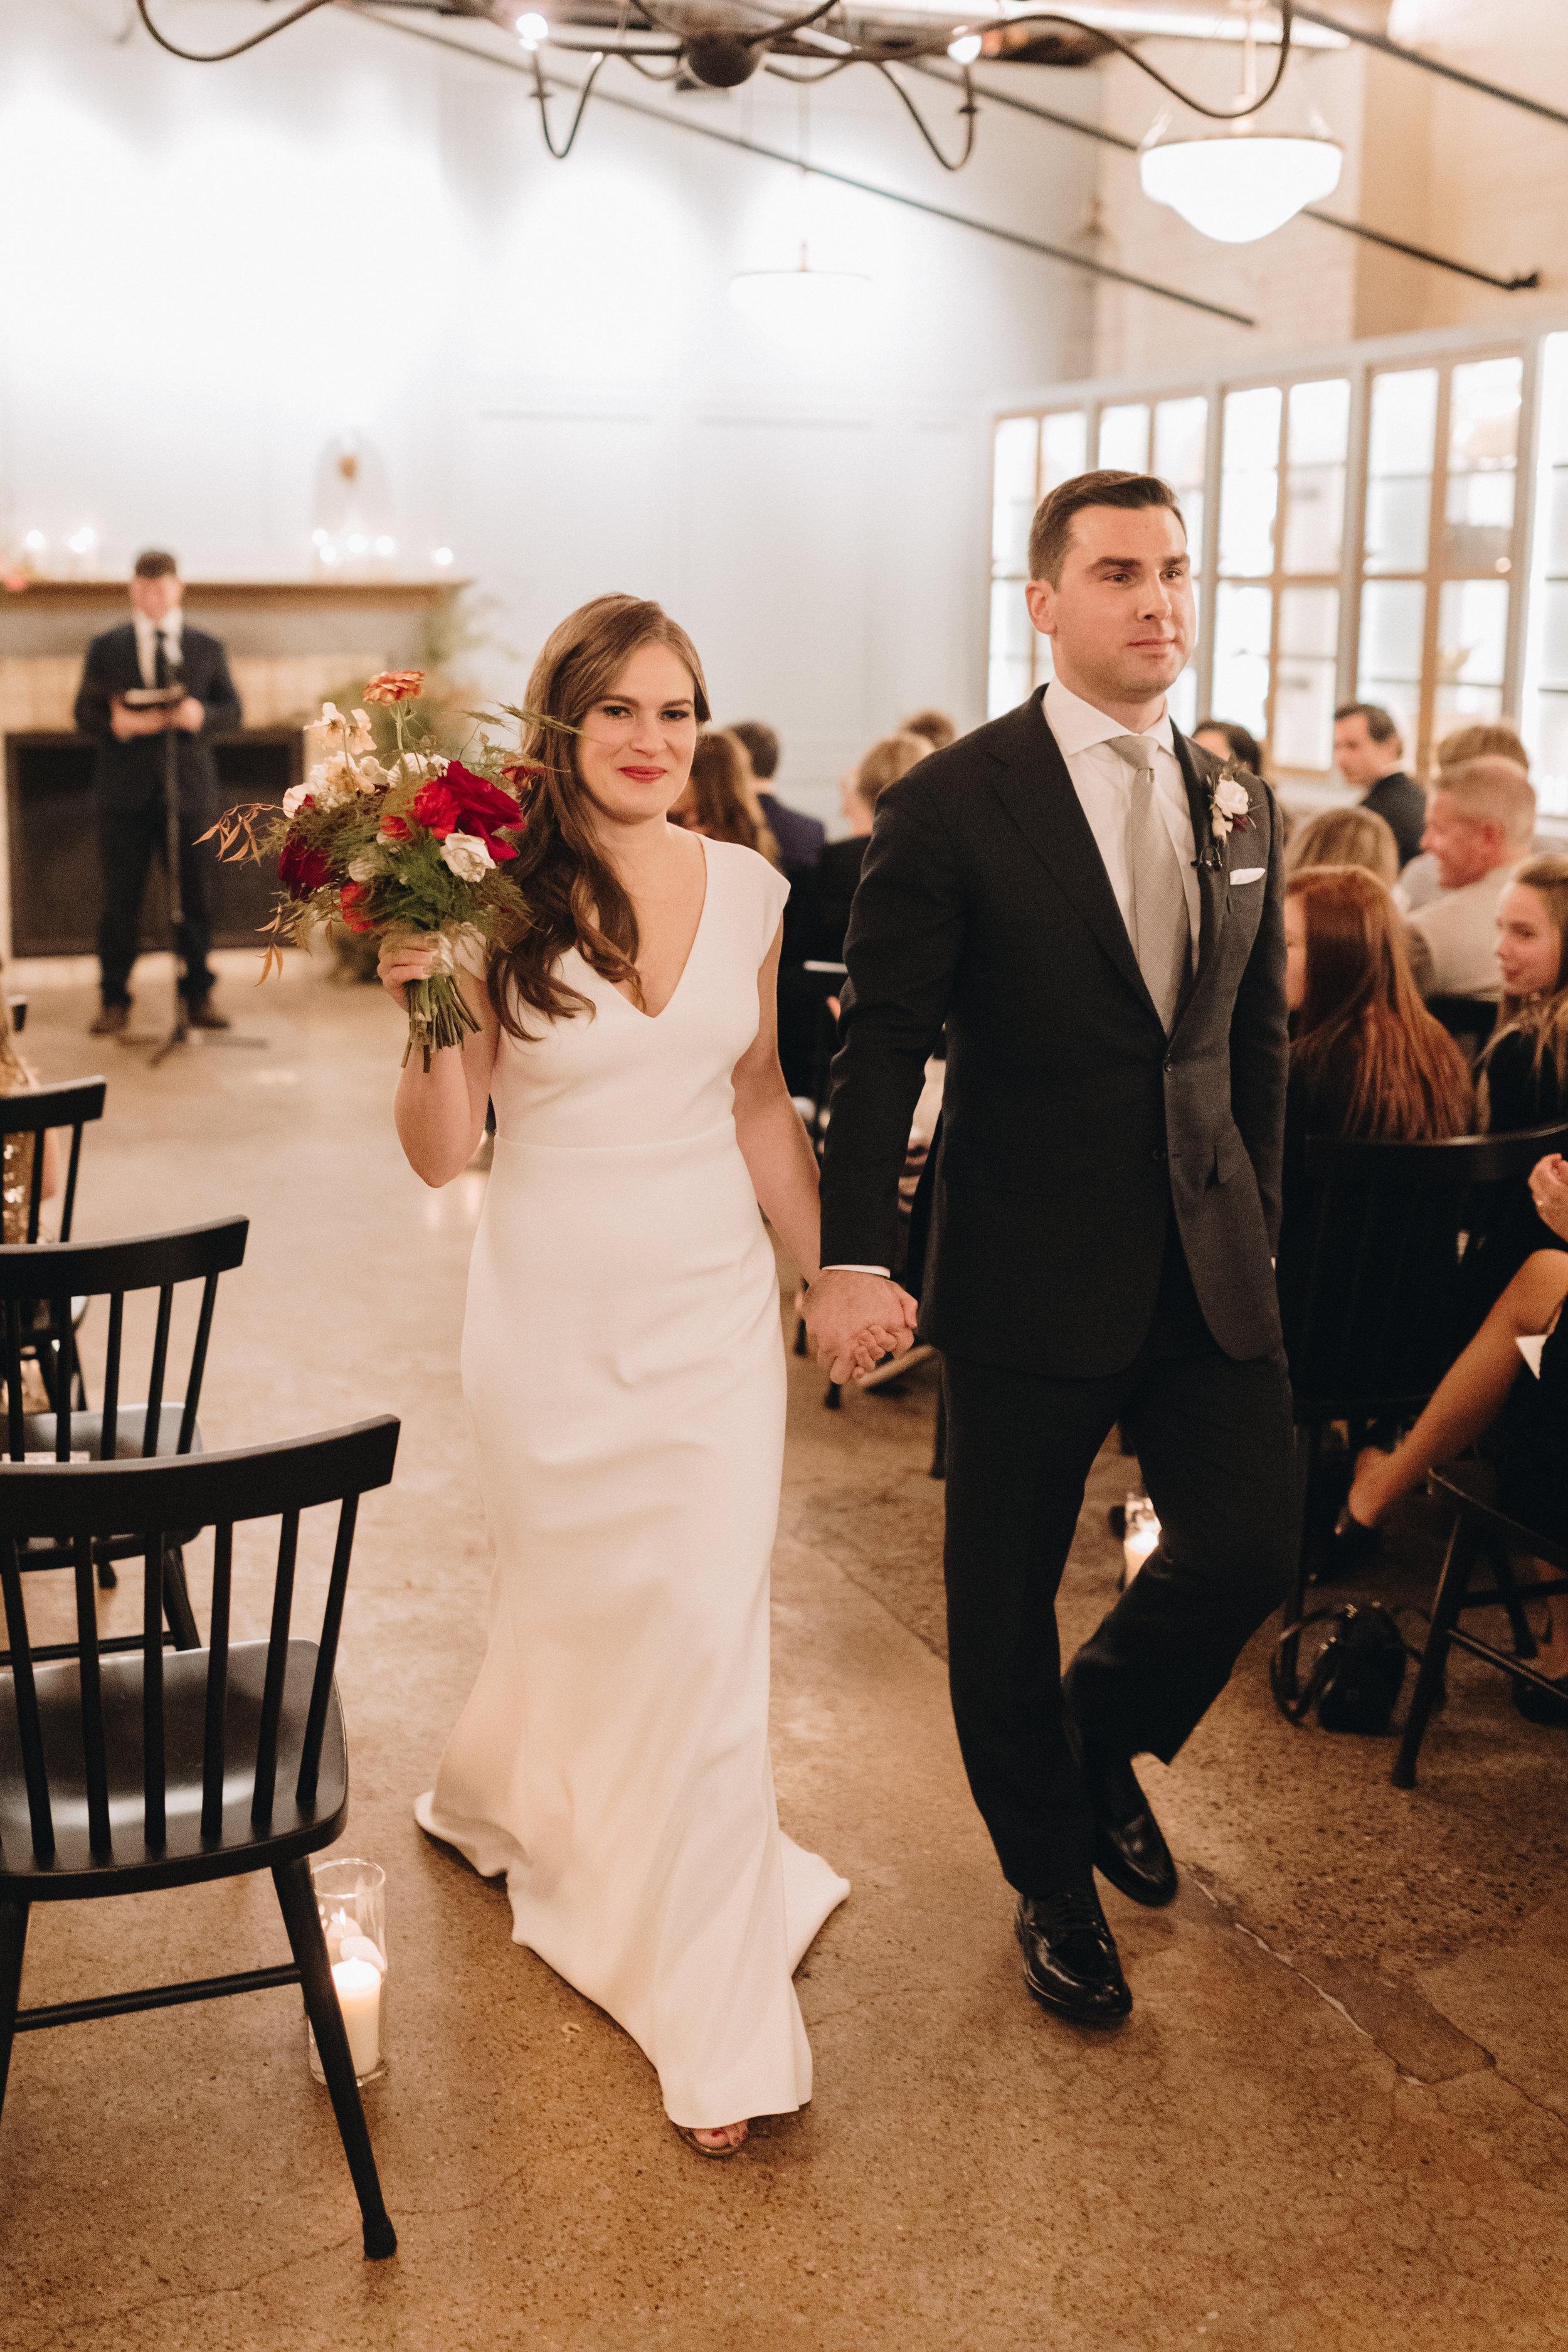 preston-wedding-2019-x-nylonsaddle-520.jpg